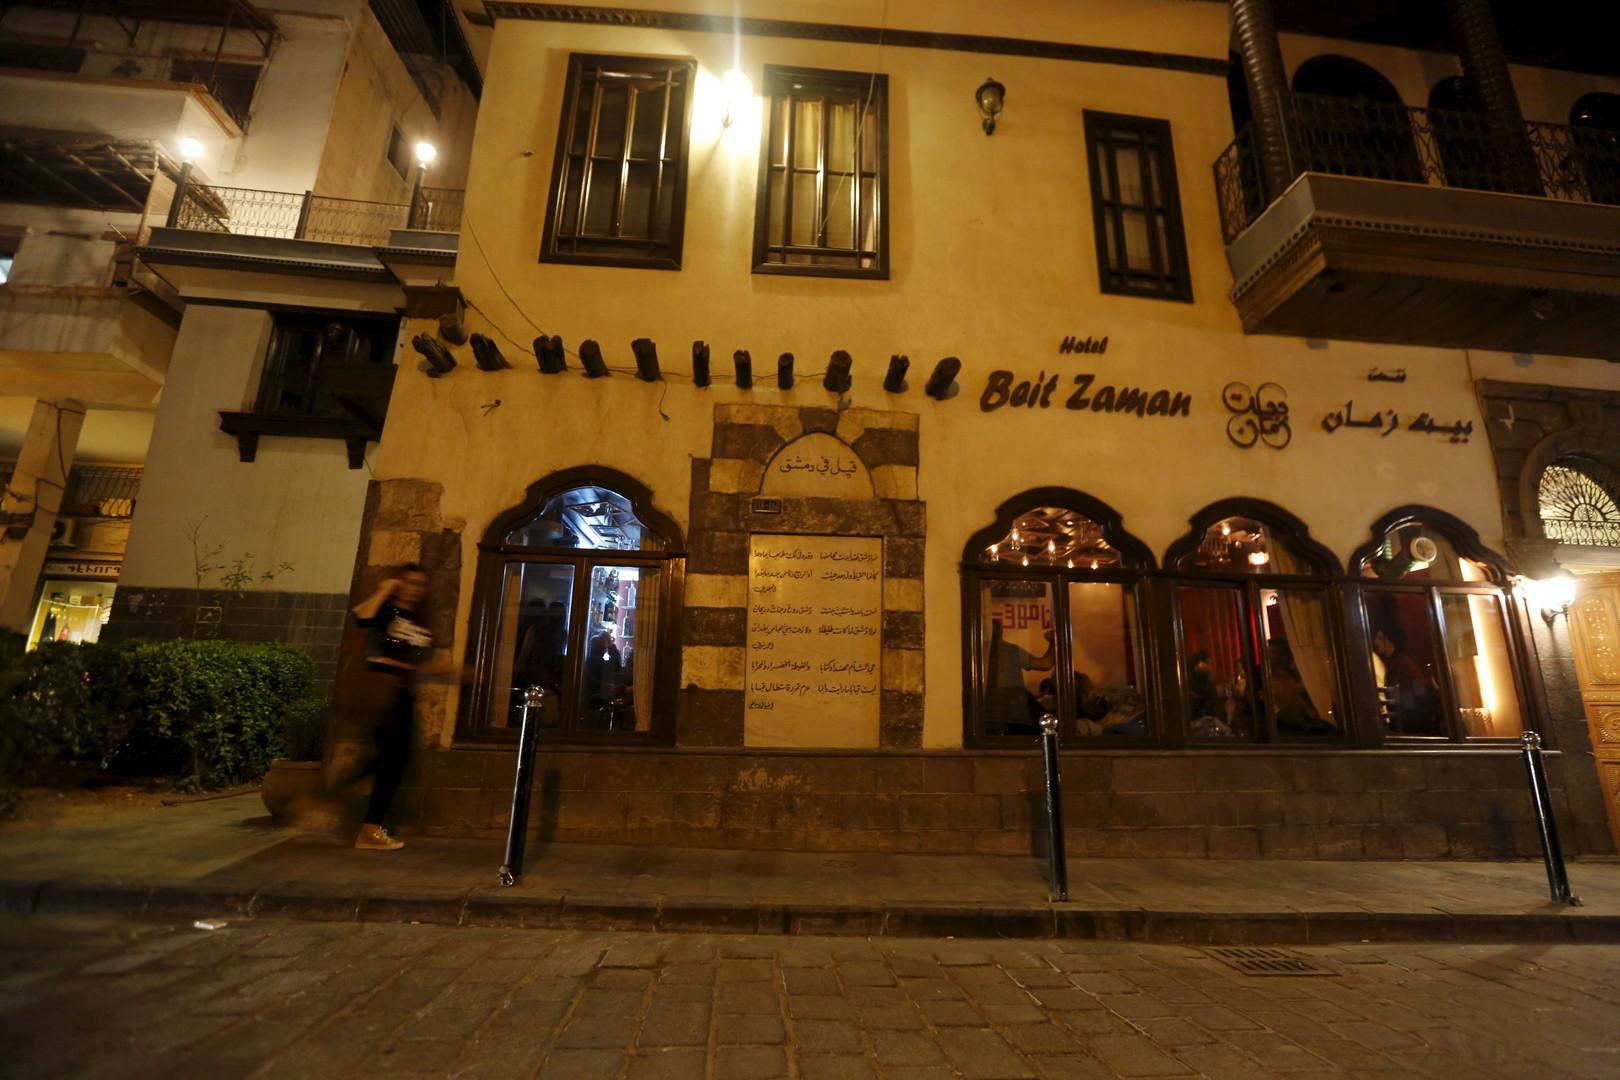 """Das """"Beit Zaman"""" Hotel, in der sich die Bar """"80's"""" befindet. Damaskus, 11. März 2016"""